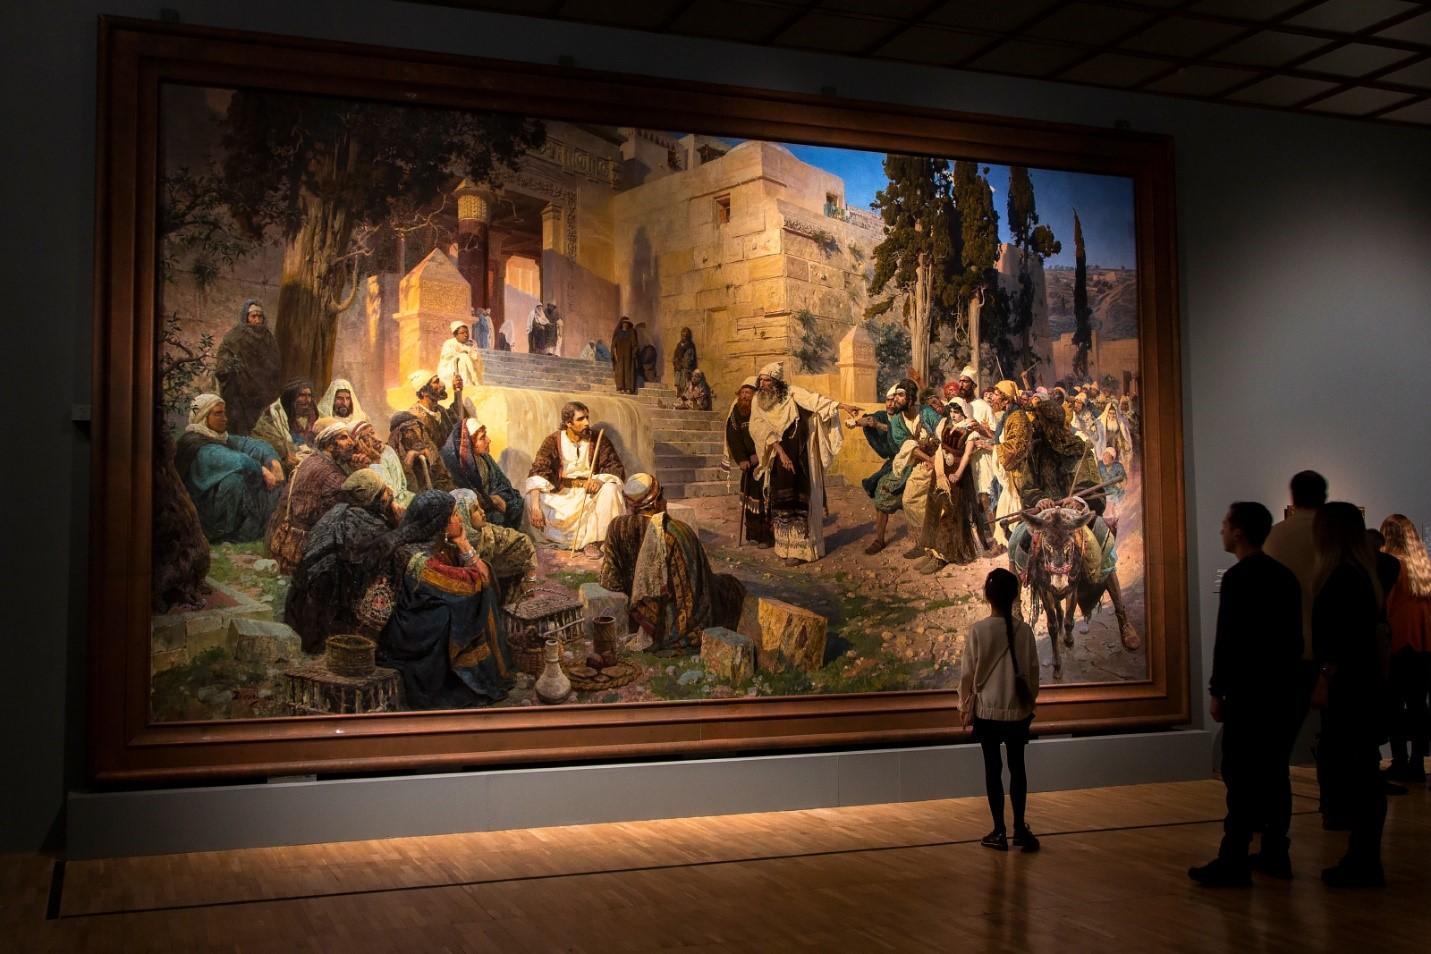 saoprmoritb - 3 музея изобразительного искусства, куда Вам стоит сходить.